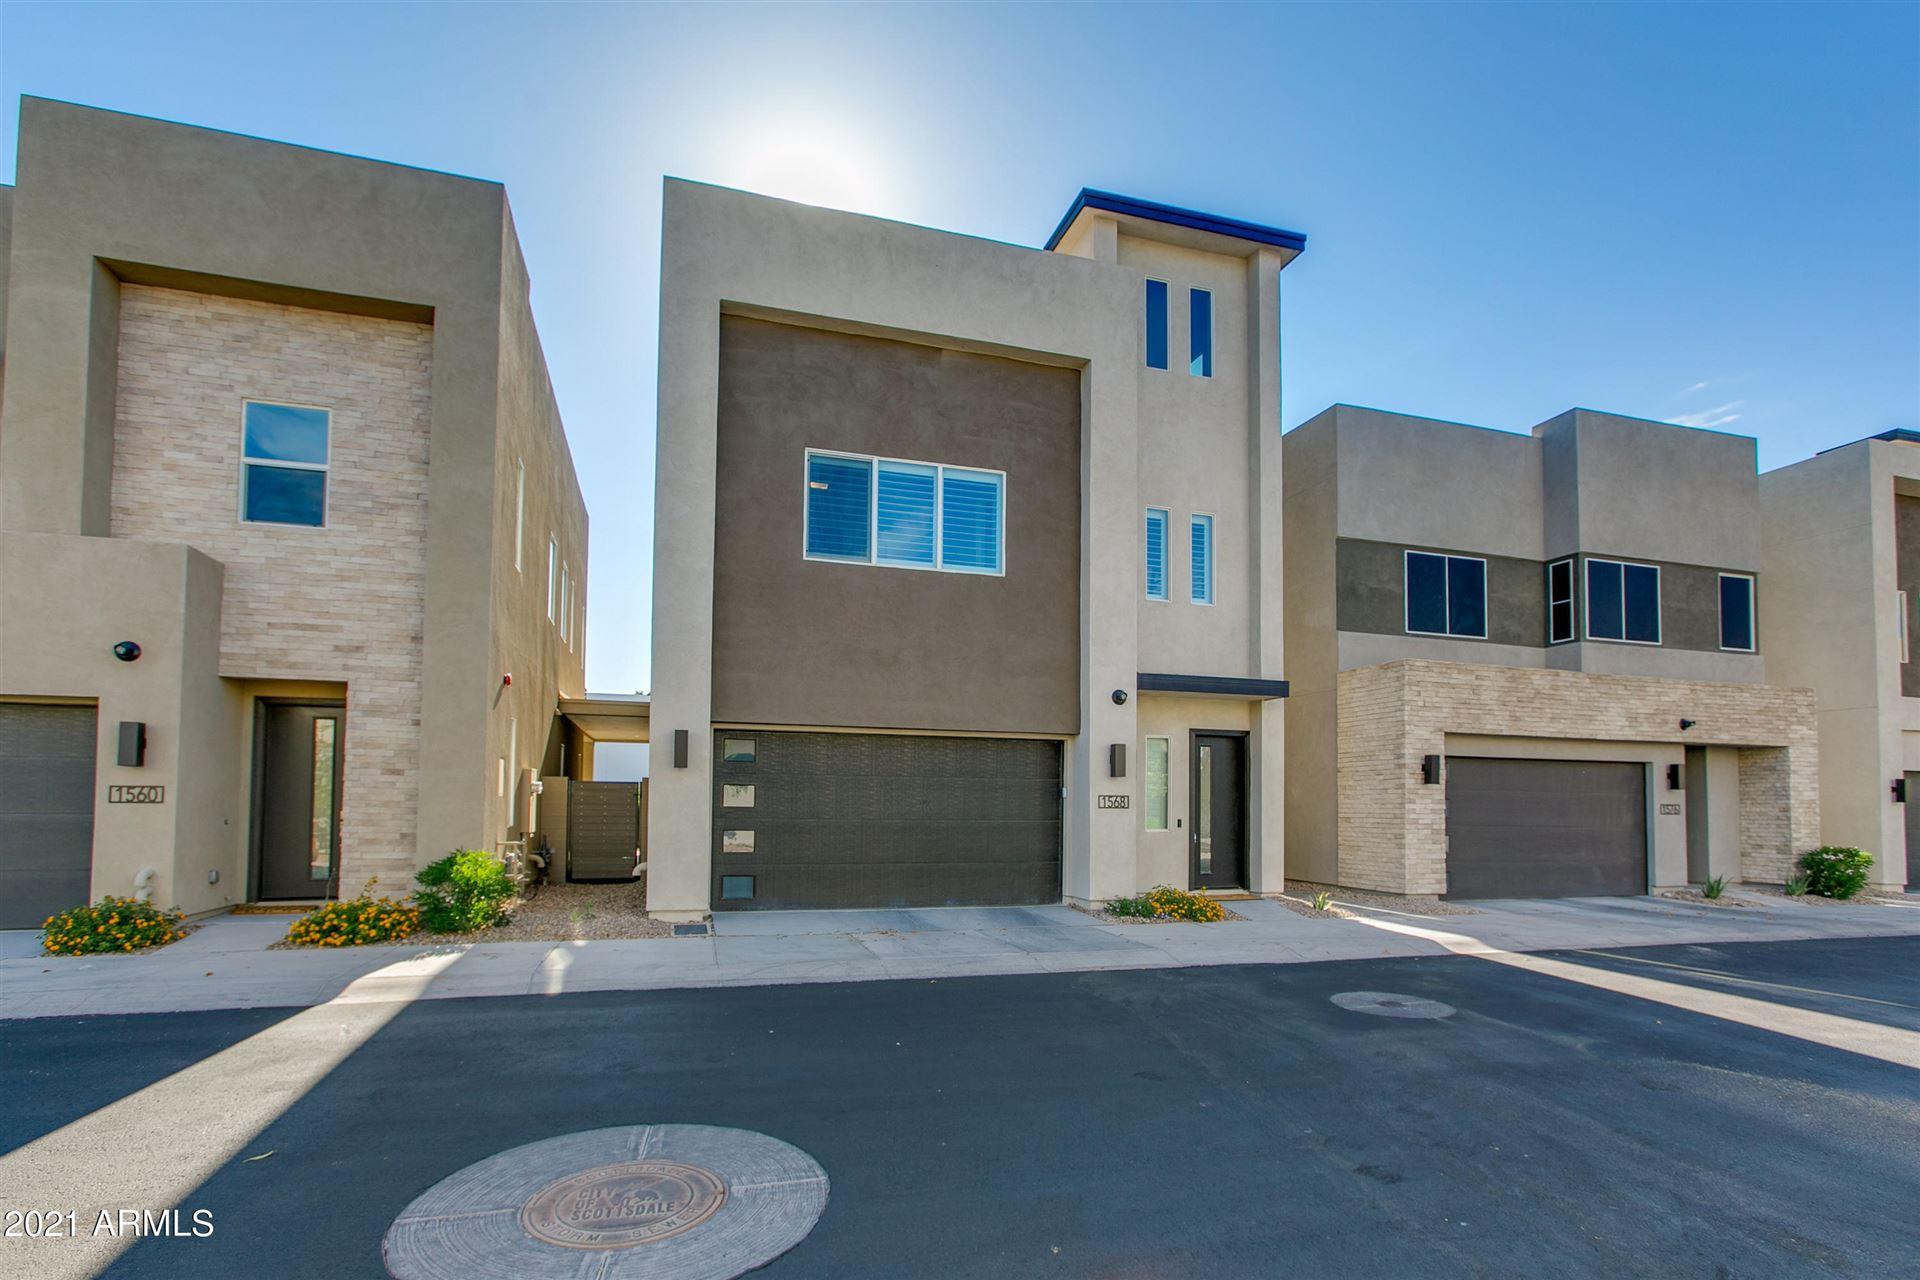 1568 N 68TH Place, Scottsdale, AZ 85257 - MLS#: 6244584